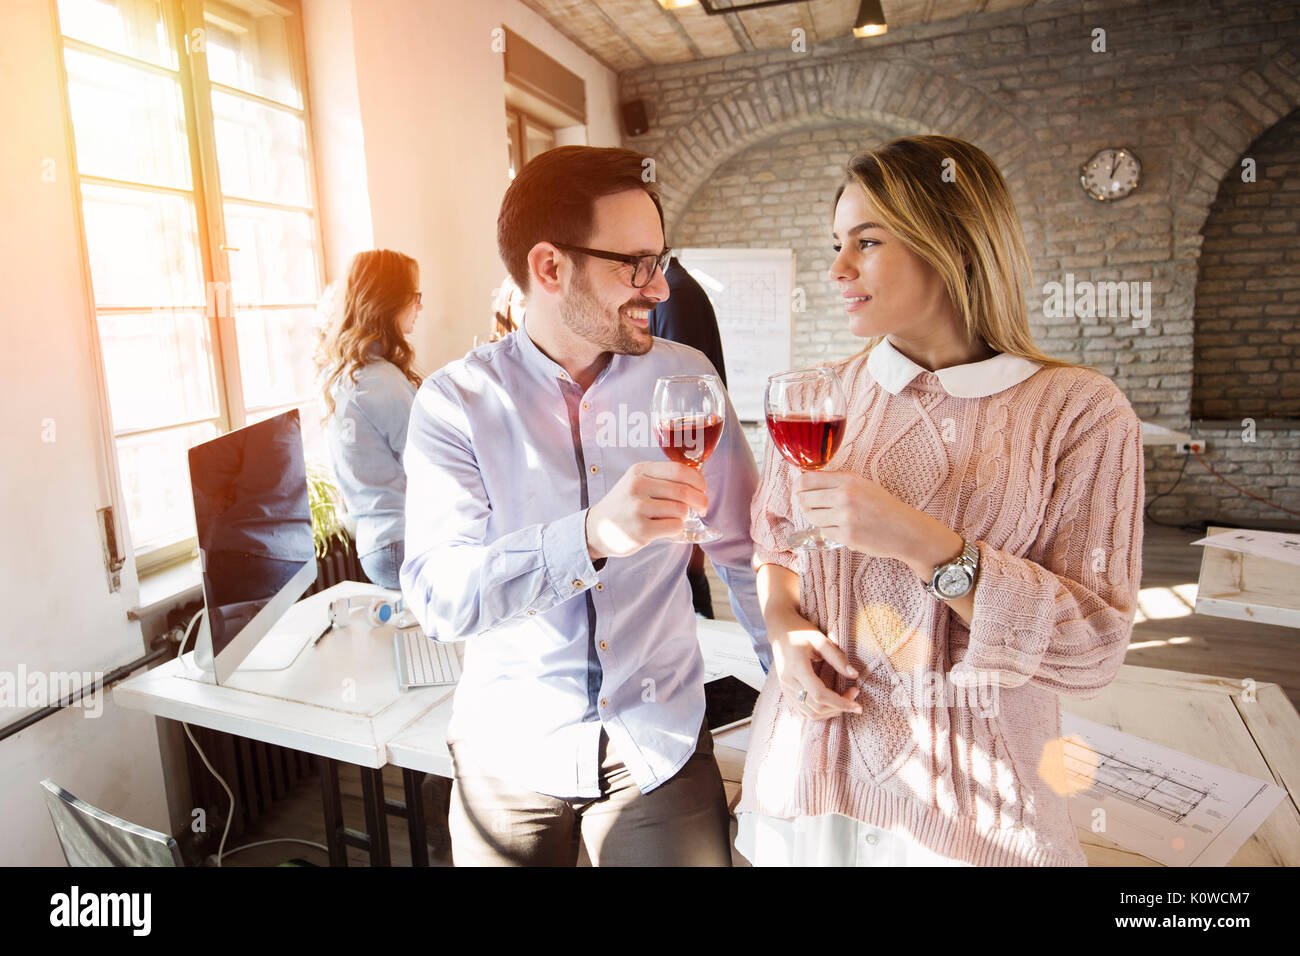 Glückliche junge Architekten in Brechen und das Trinken von Wein Stockbild